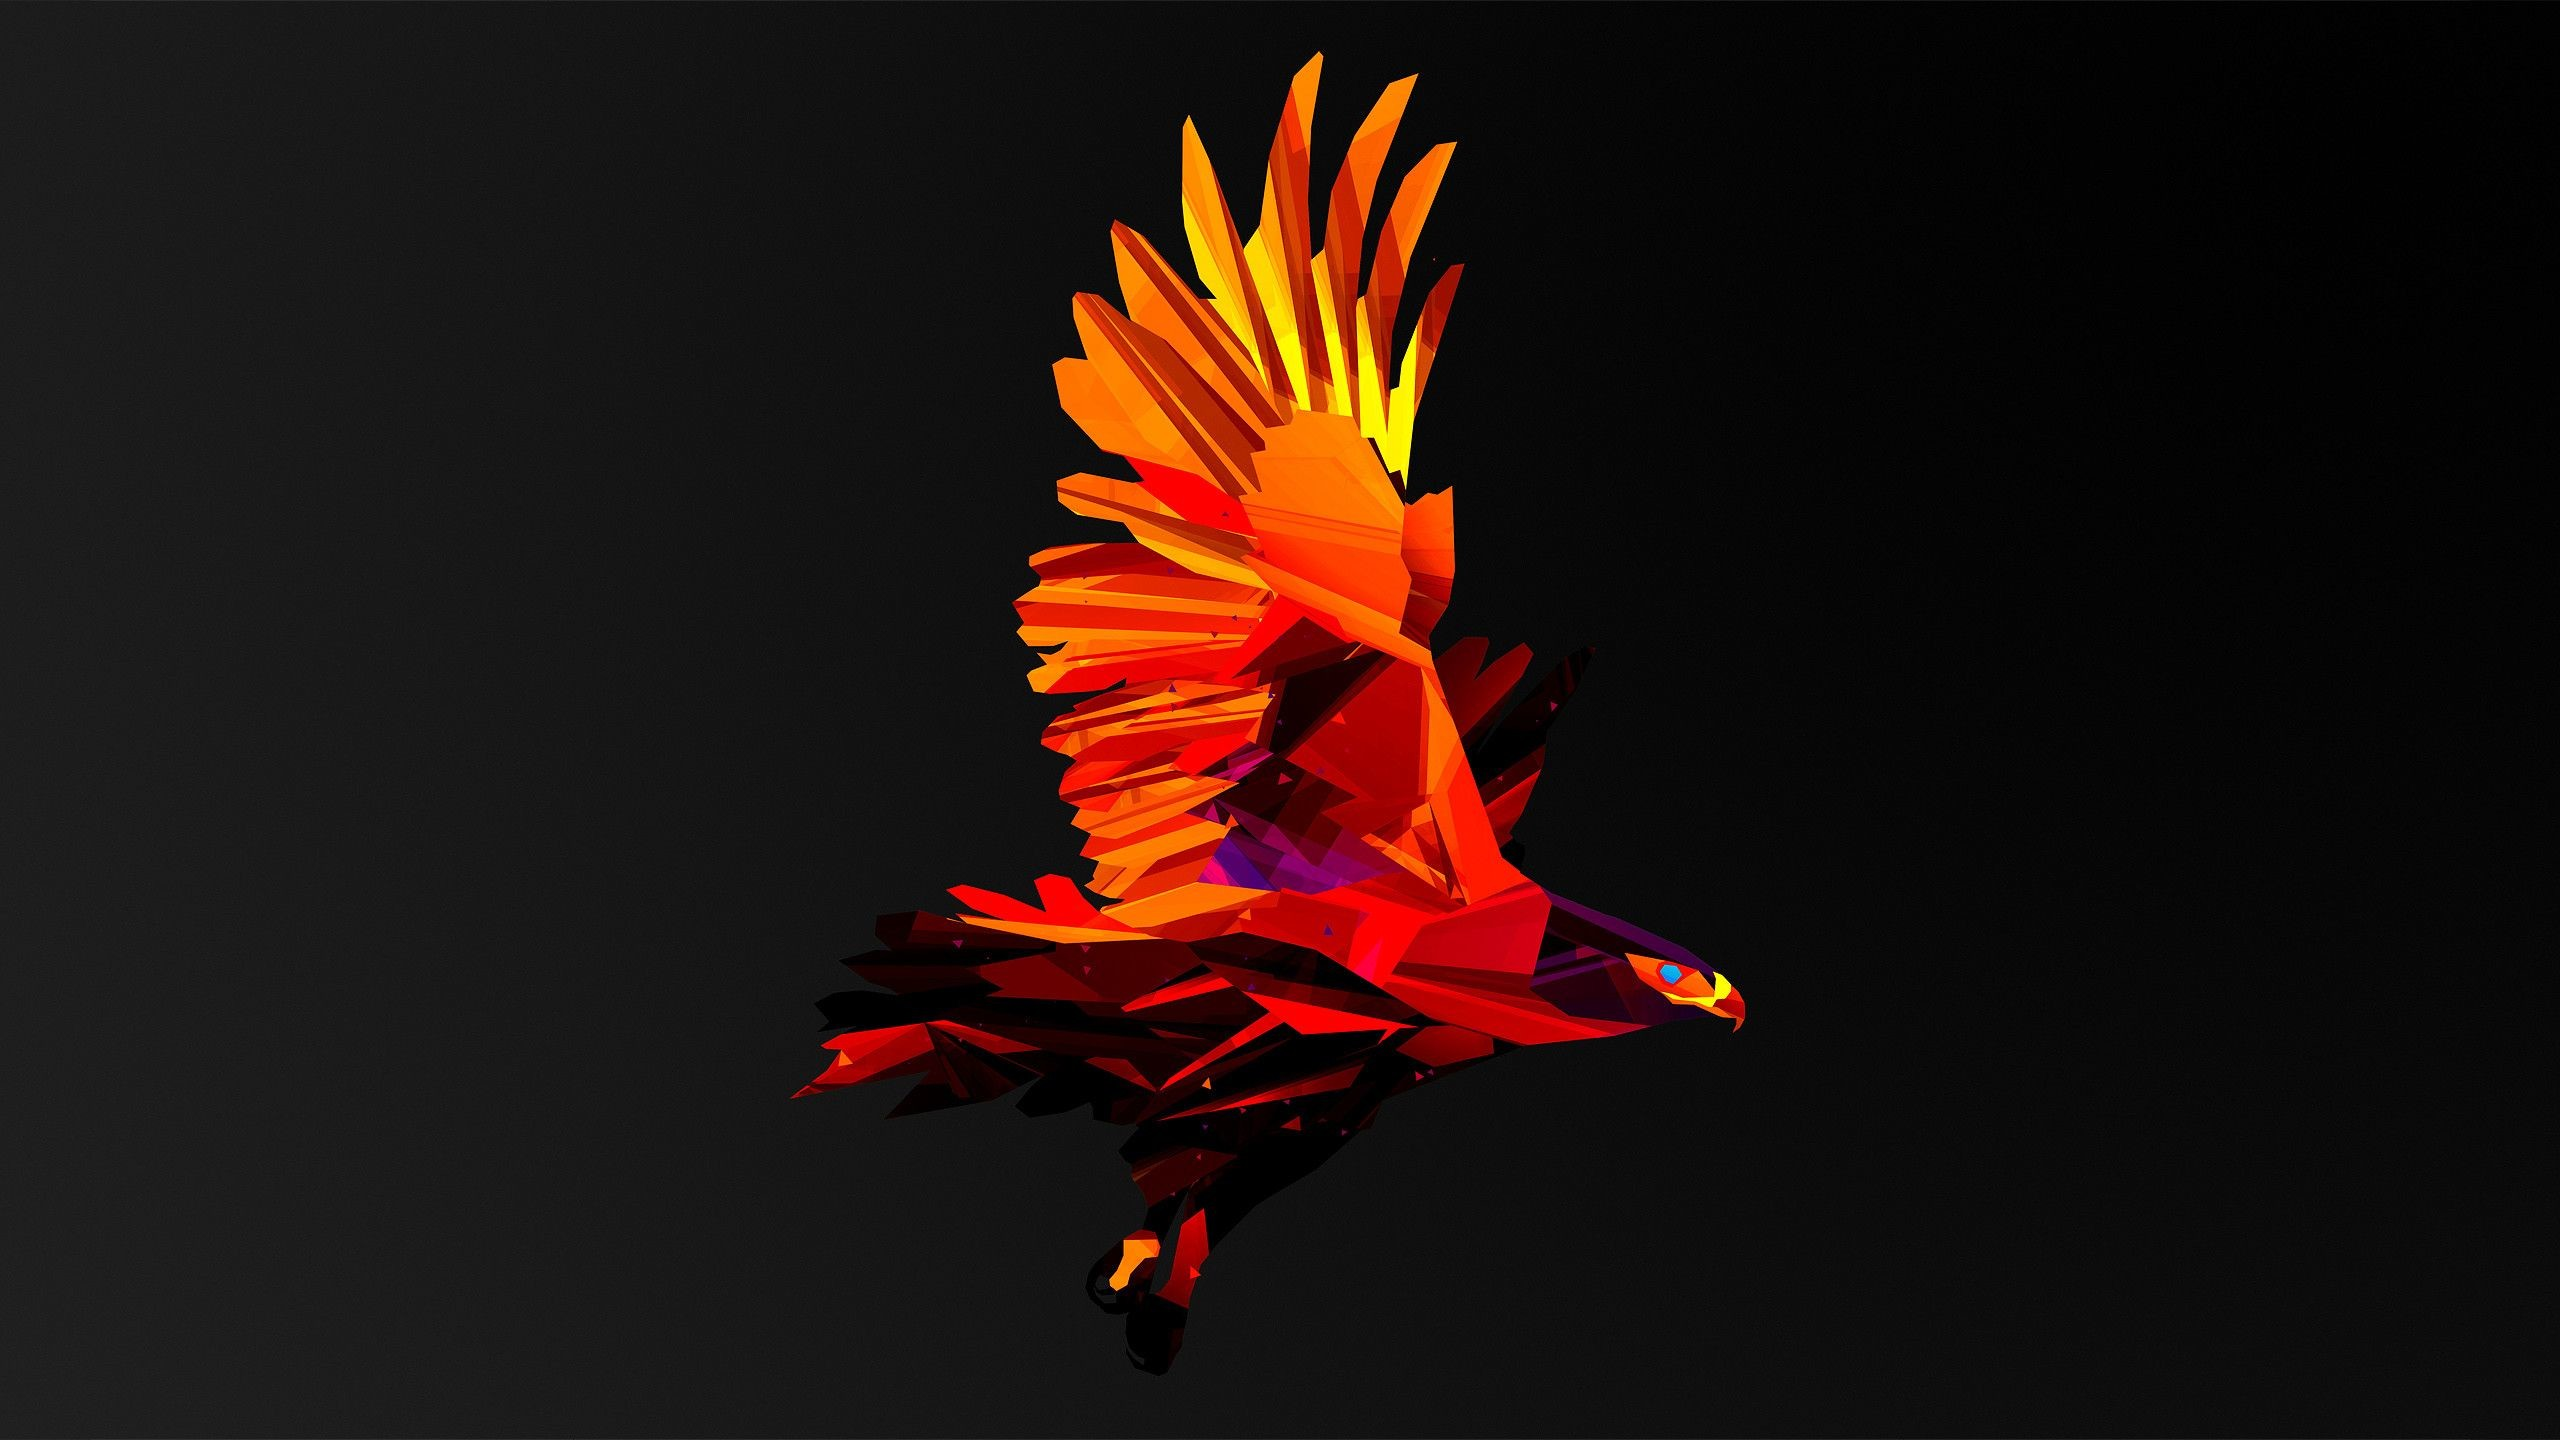 Res: 2560x1440, Low Poly Hawk HD Wallpaper Â« Destkop BackgroundsDestkop Backgrounds